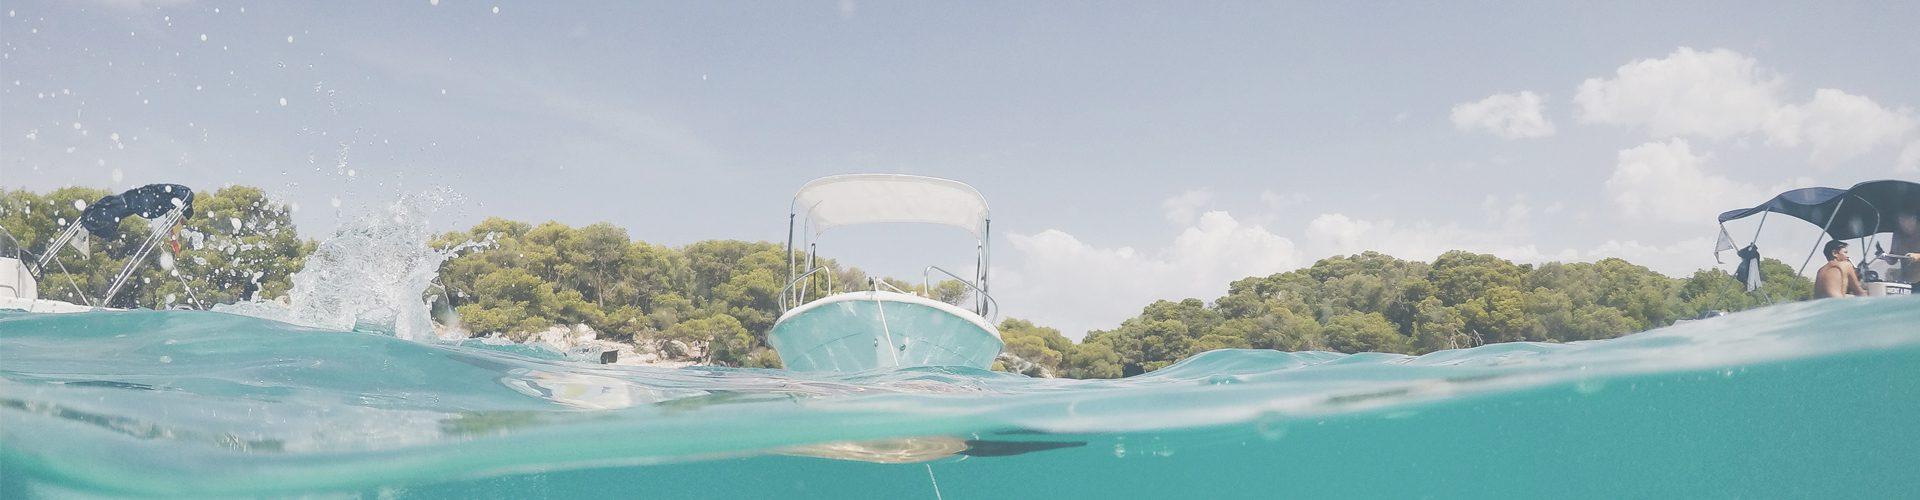 Menorca Mediterranean sea